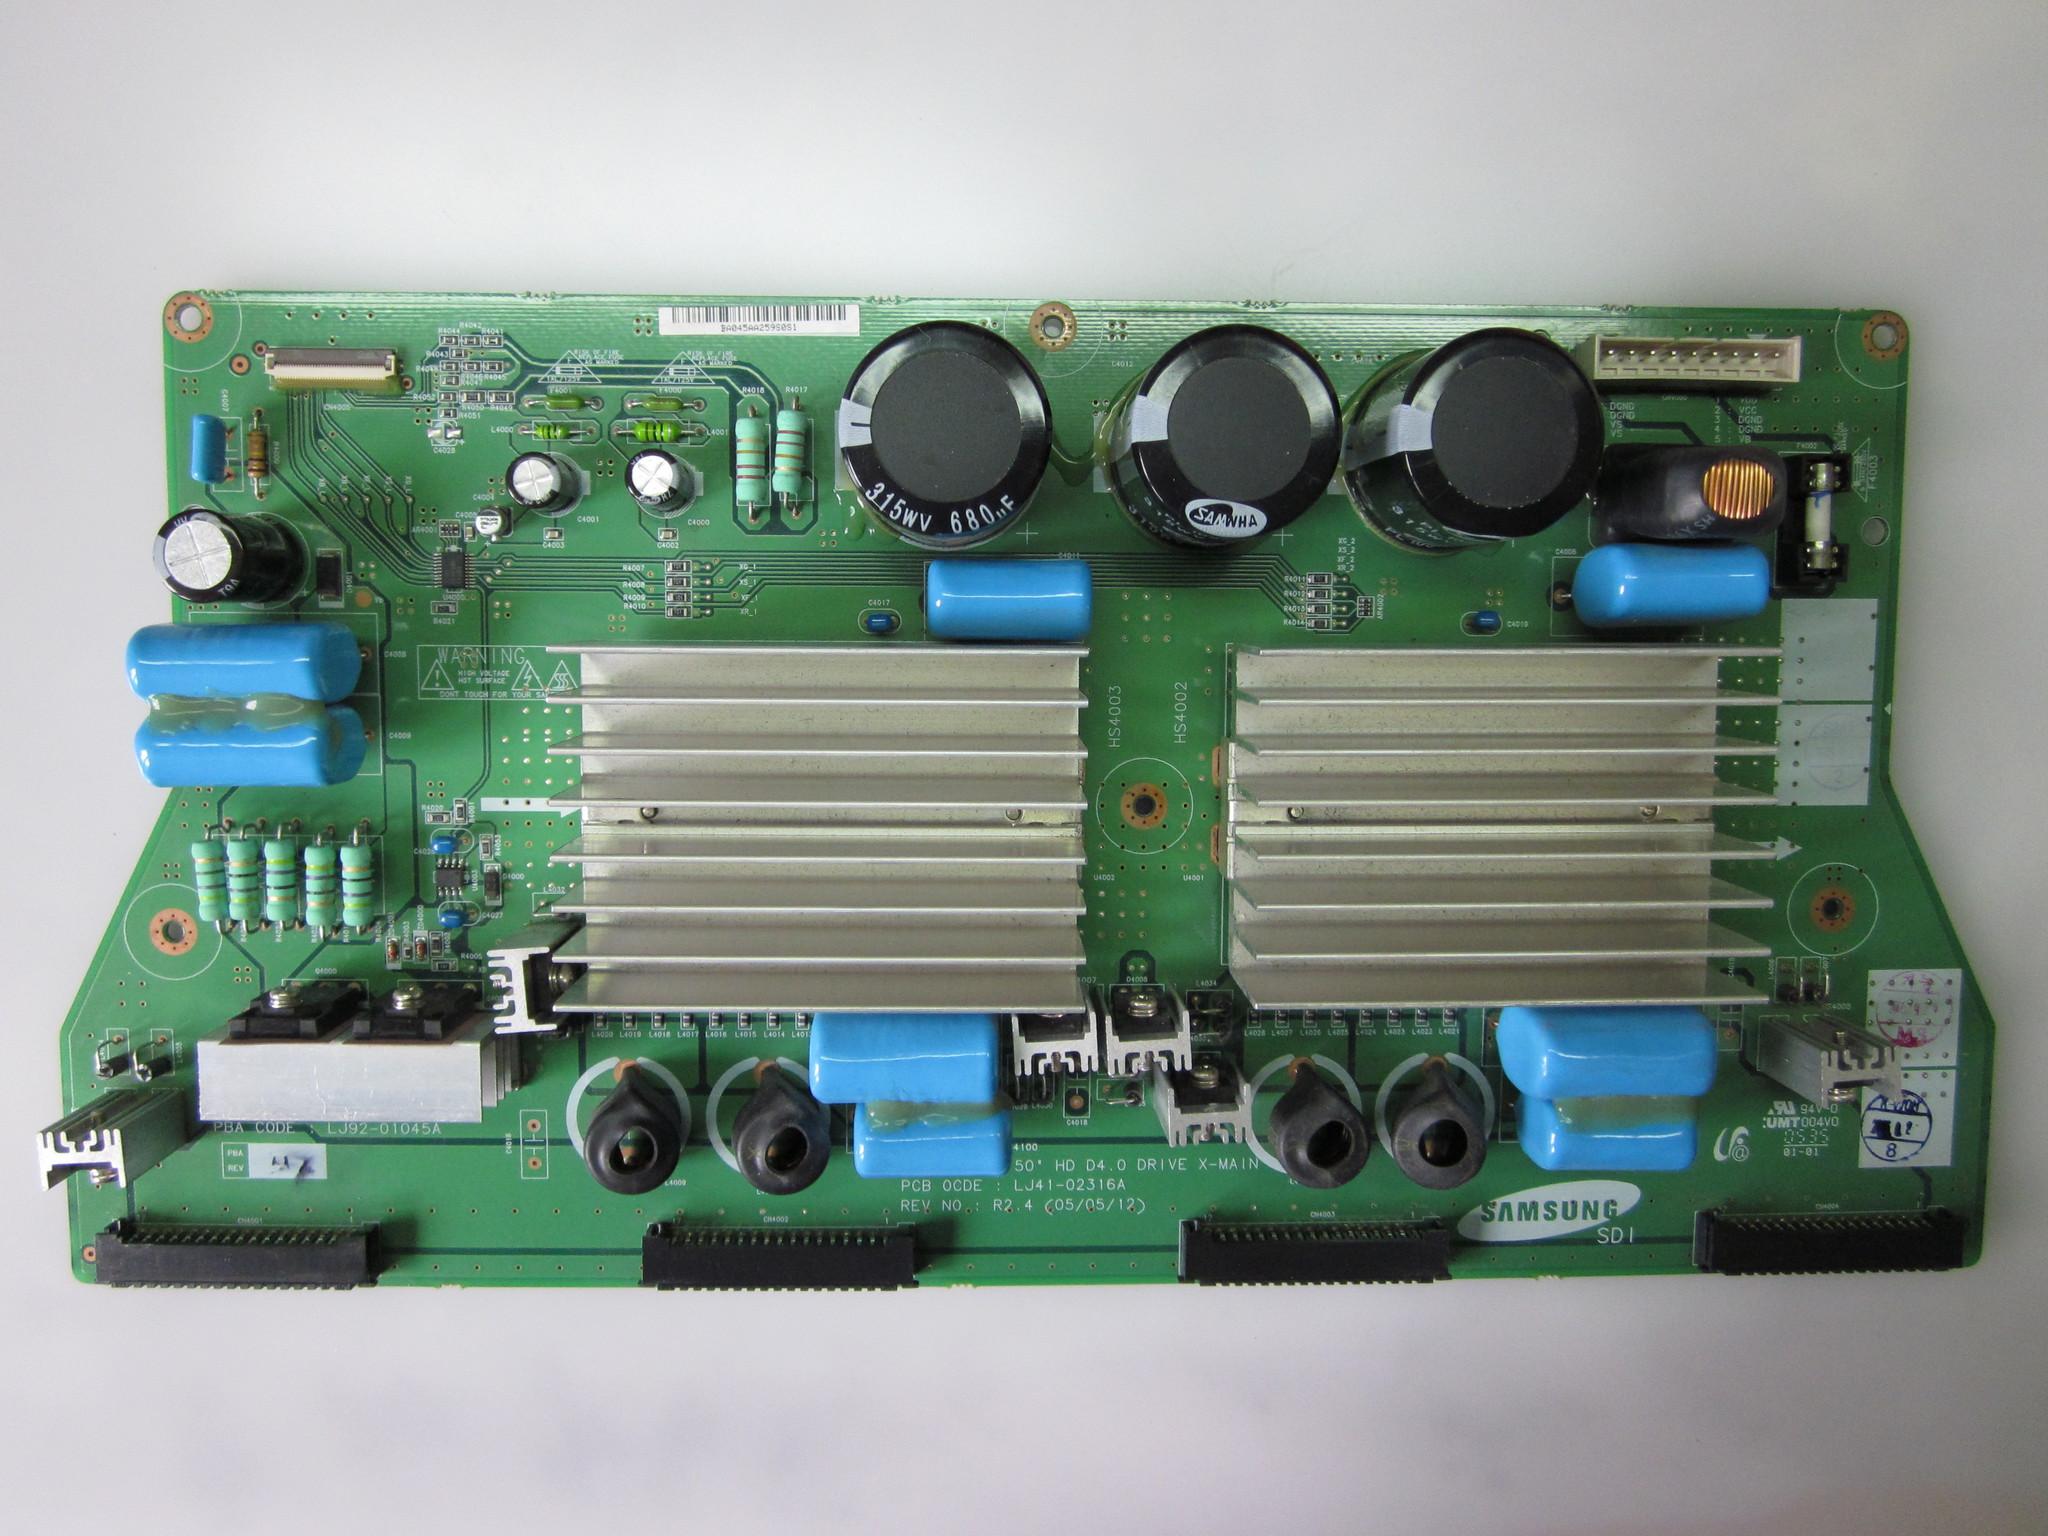 LJ41-02316A